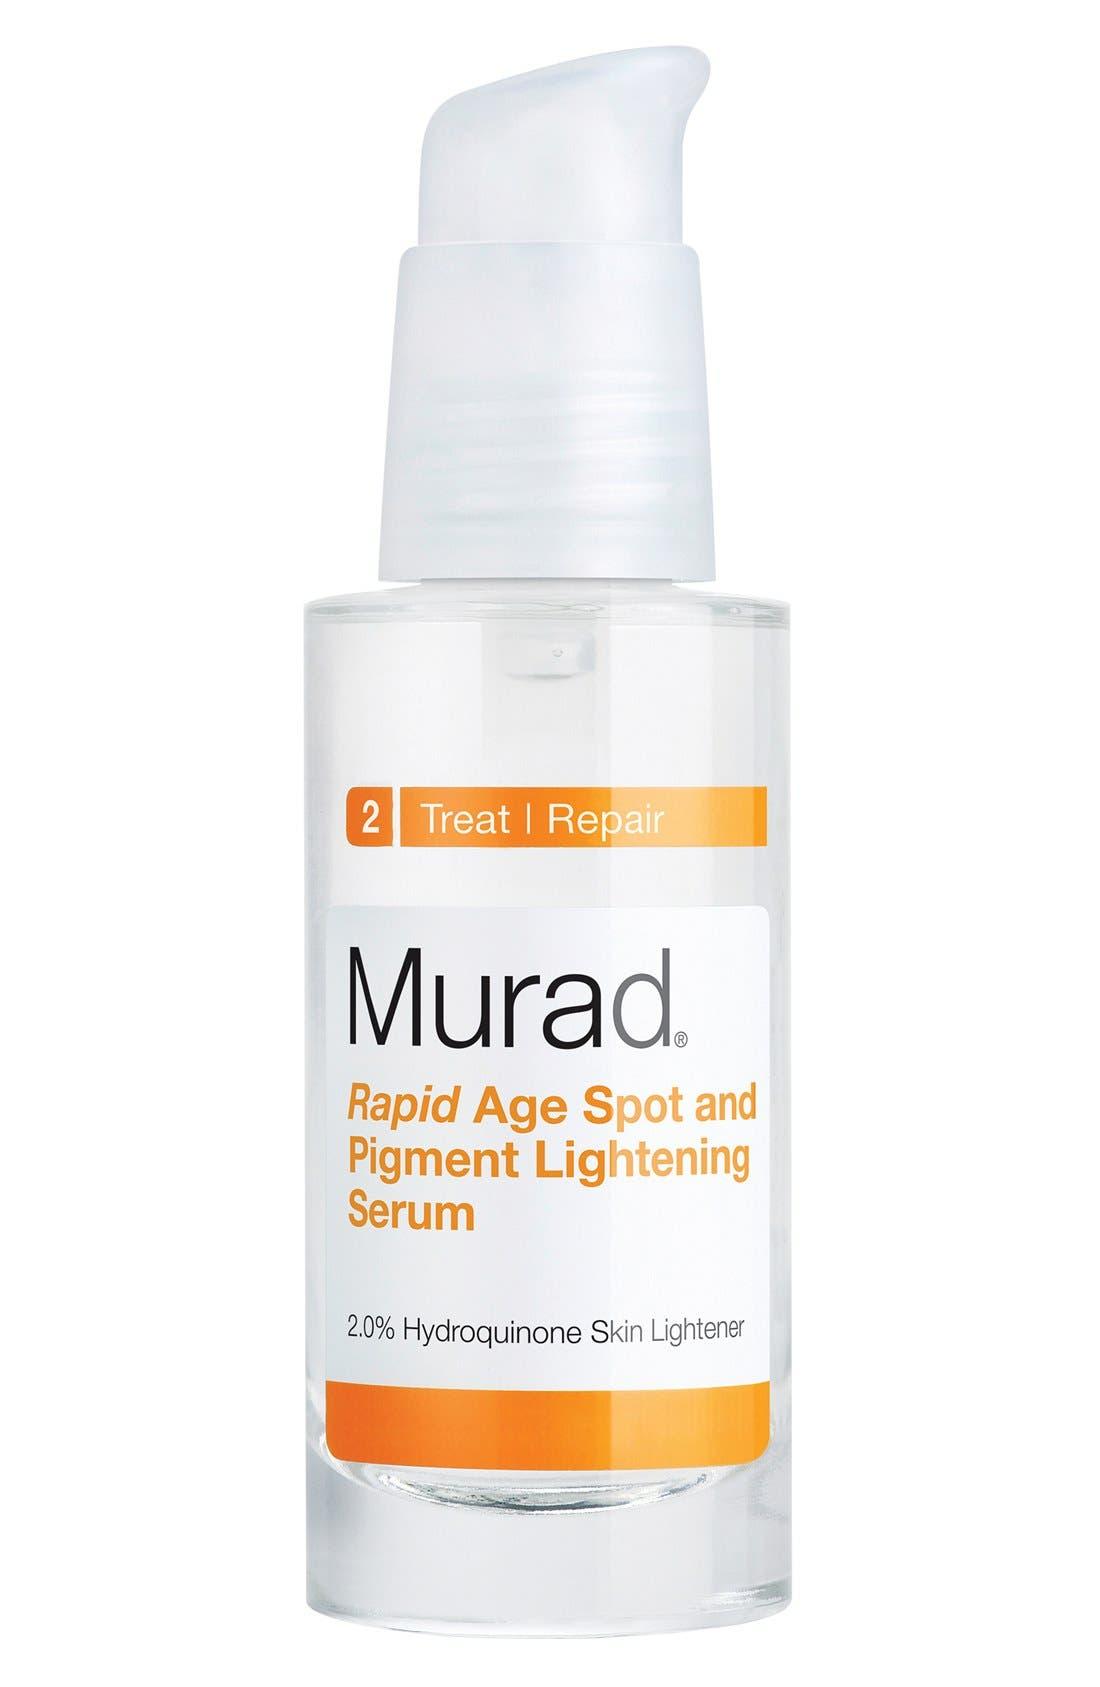 Murad® Rapid Age Spot & Pigment Lightening Serum